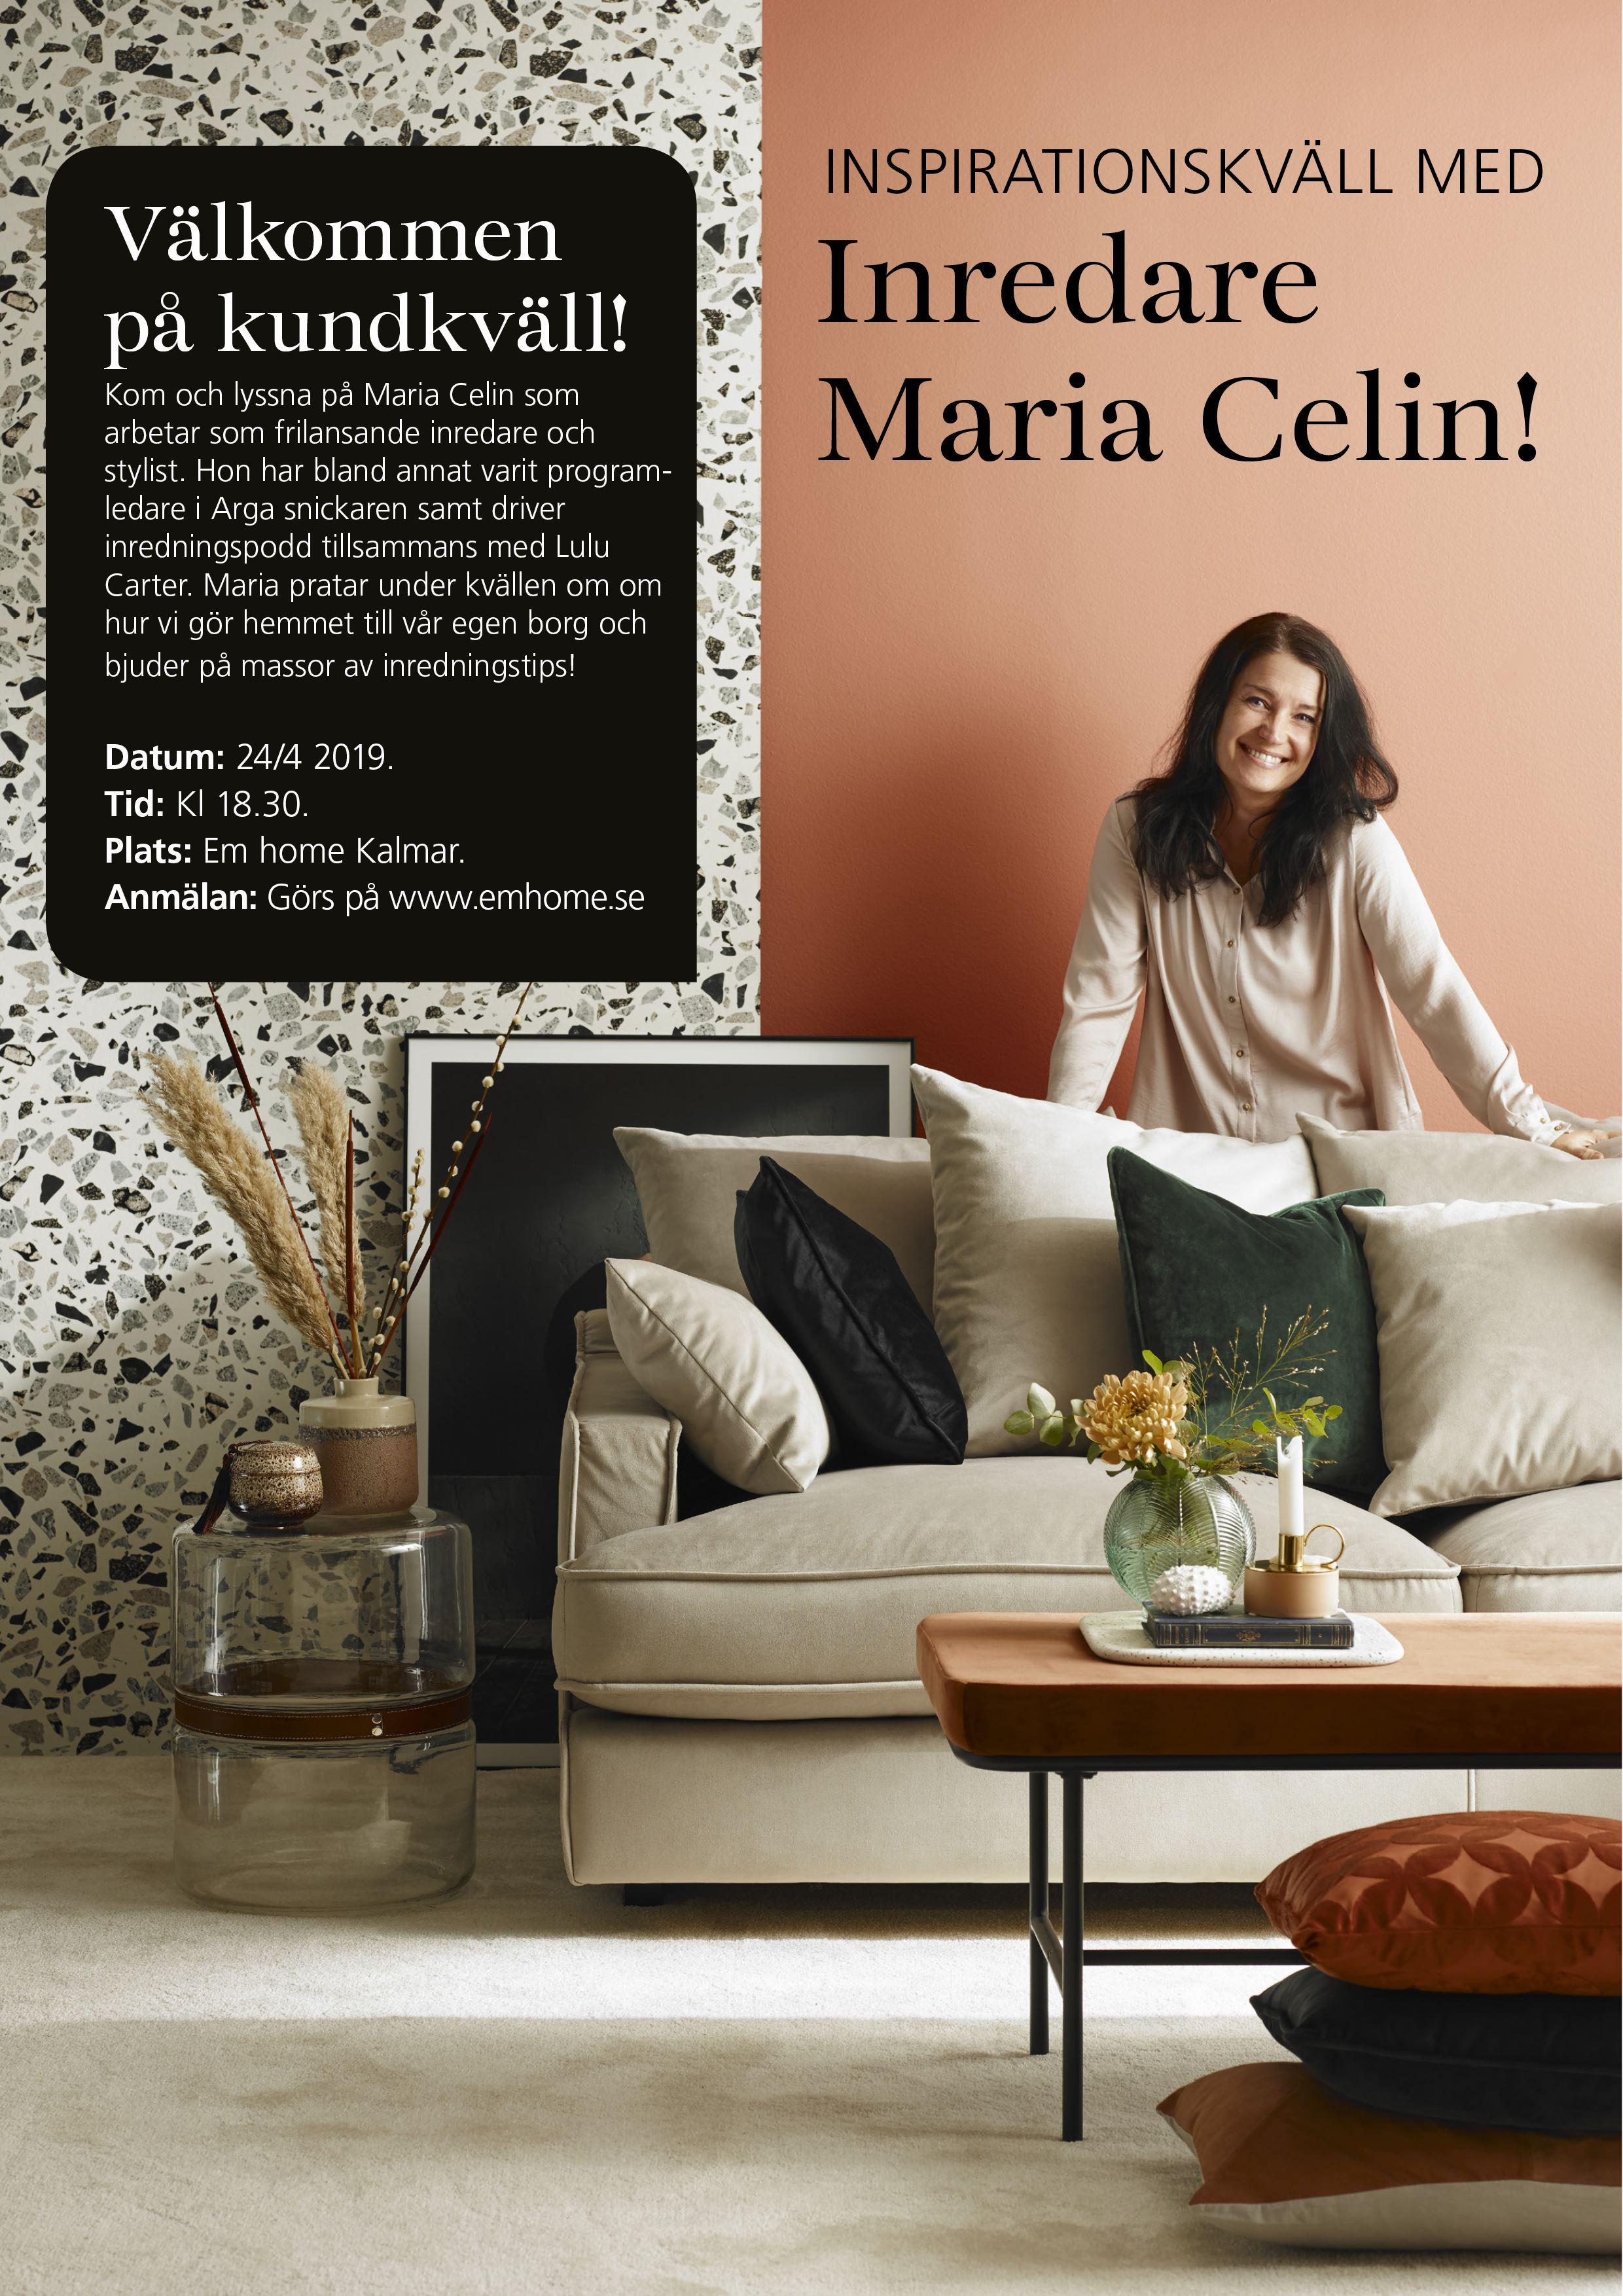 Inspirationskväl med Mia Celin